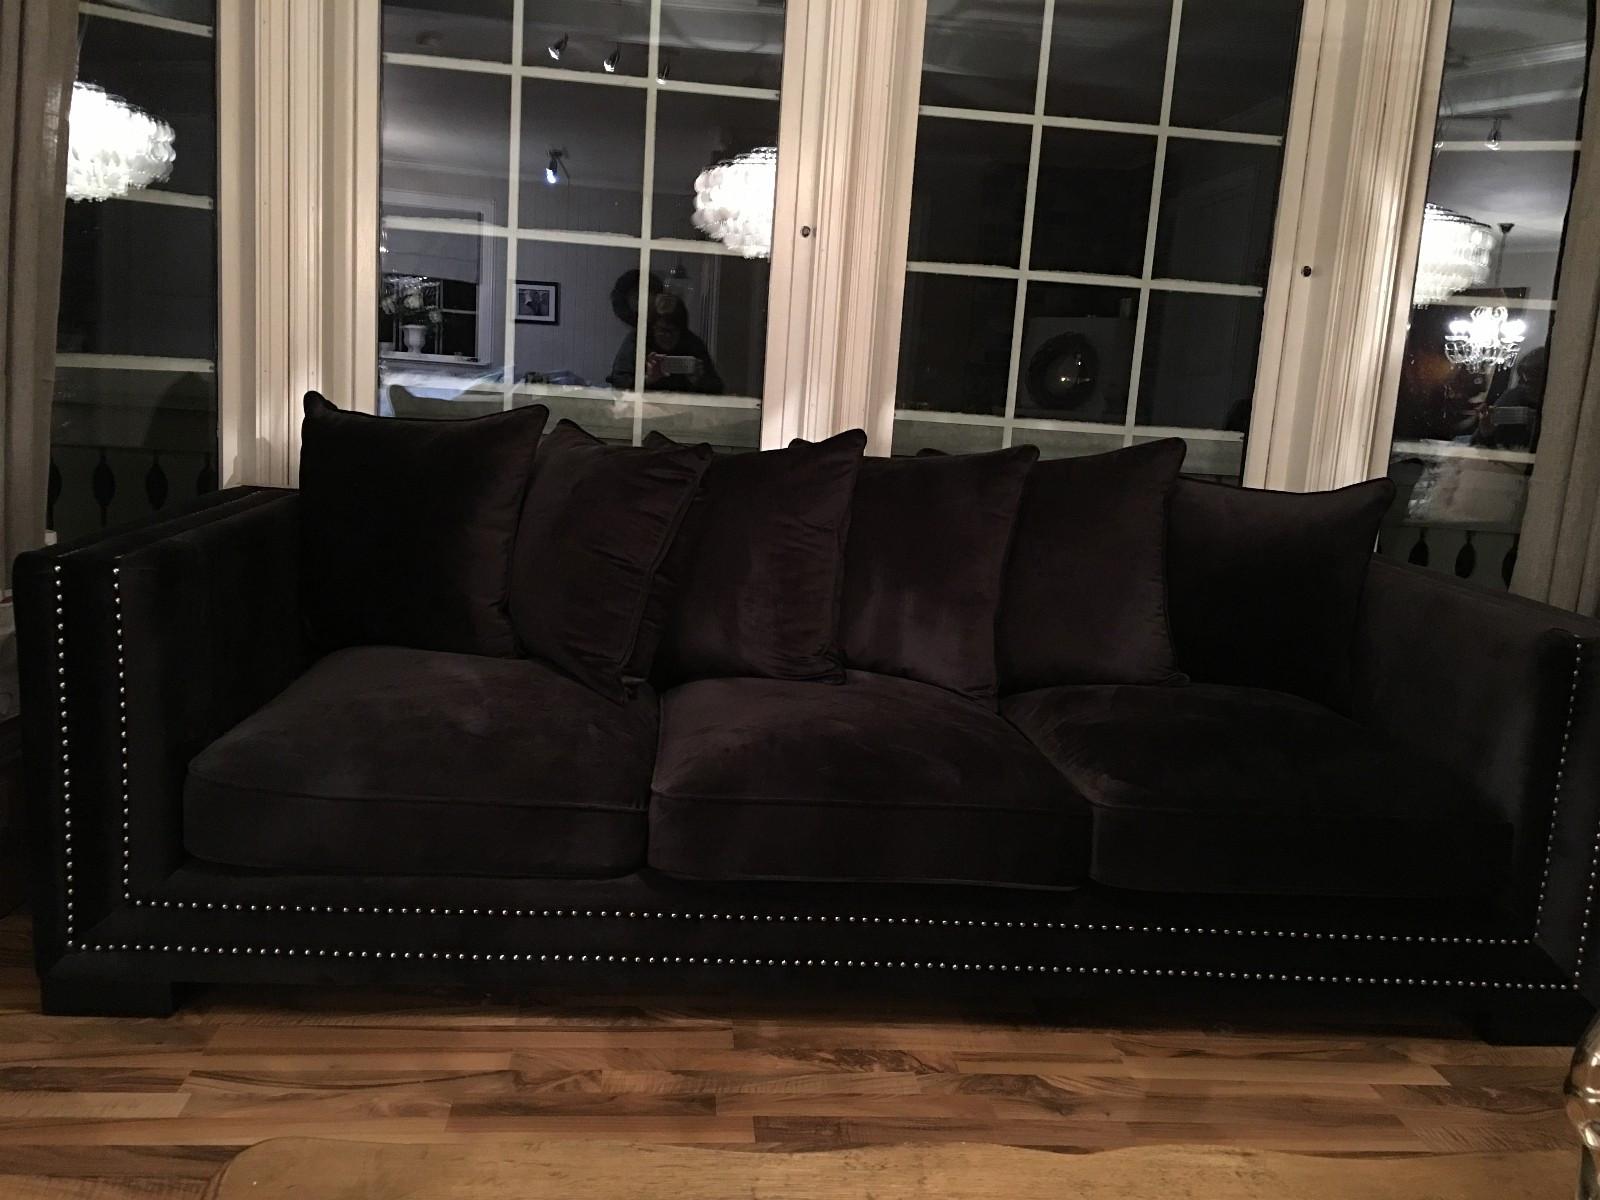 """Sort velour sofa fra Classic living - Jevnaker  - Manhattan 3 seter sofa (sort velour) fra Classic living selges. Pris hos classic living kr 11.900,-.  Lengde: 250 cm Dybde: 100 cm Høyde: 75 cm  Ubrukt kun stått til """"pynt"""" - Jevnaker"""